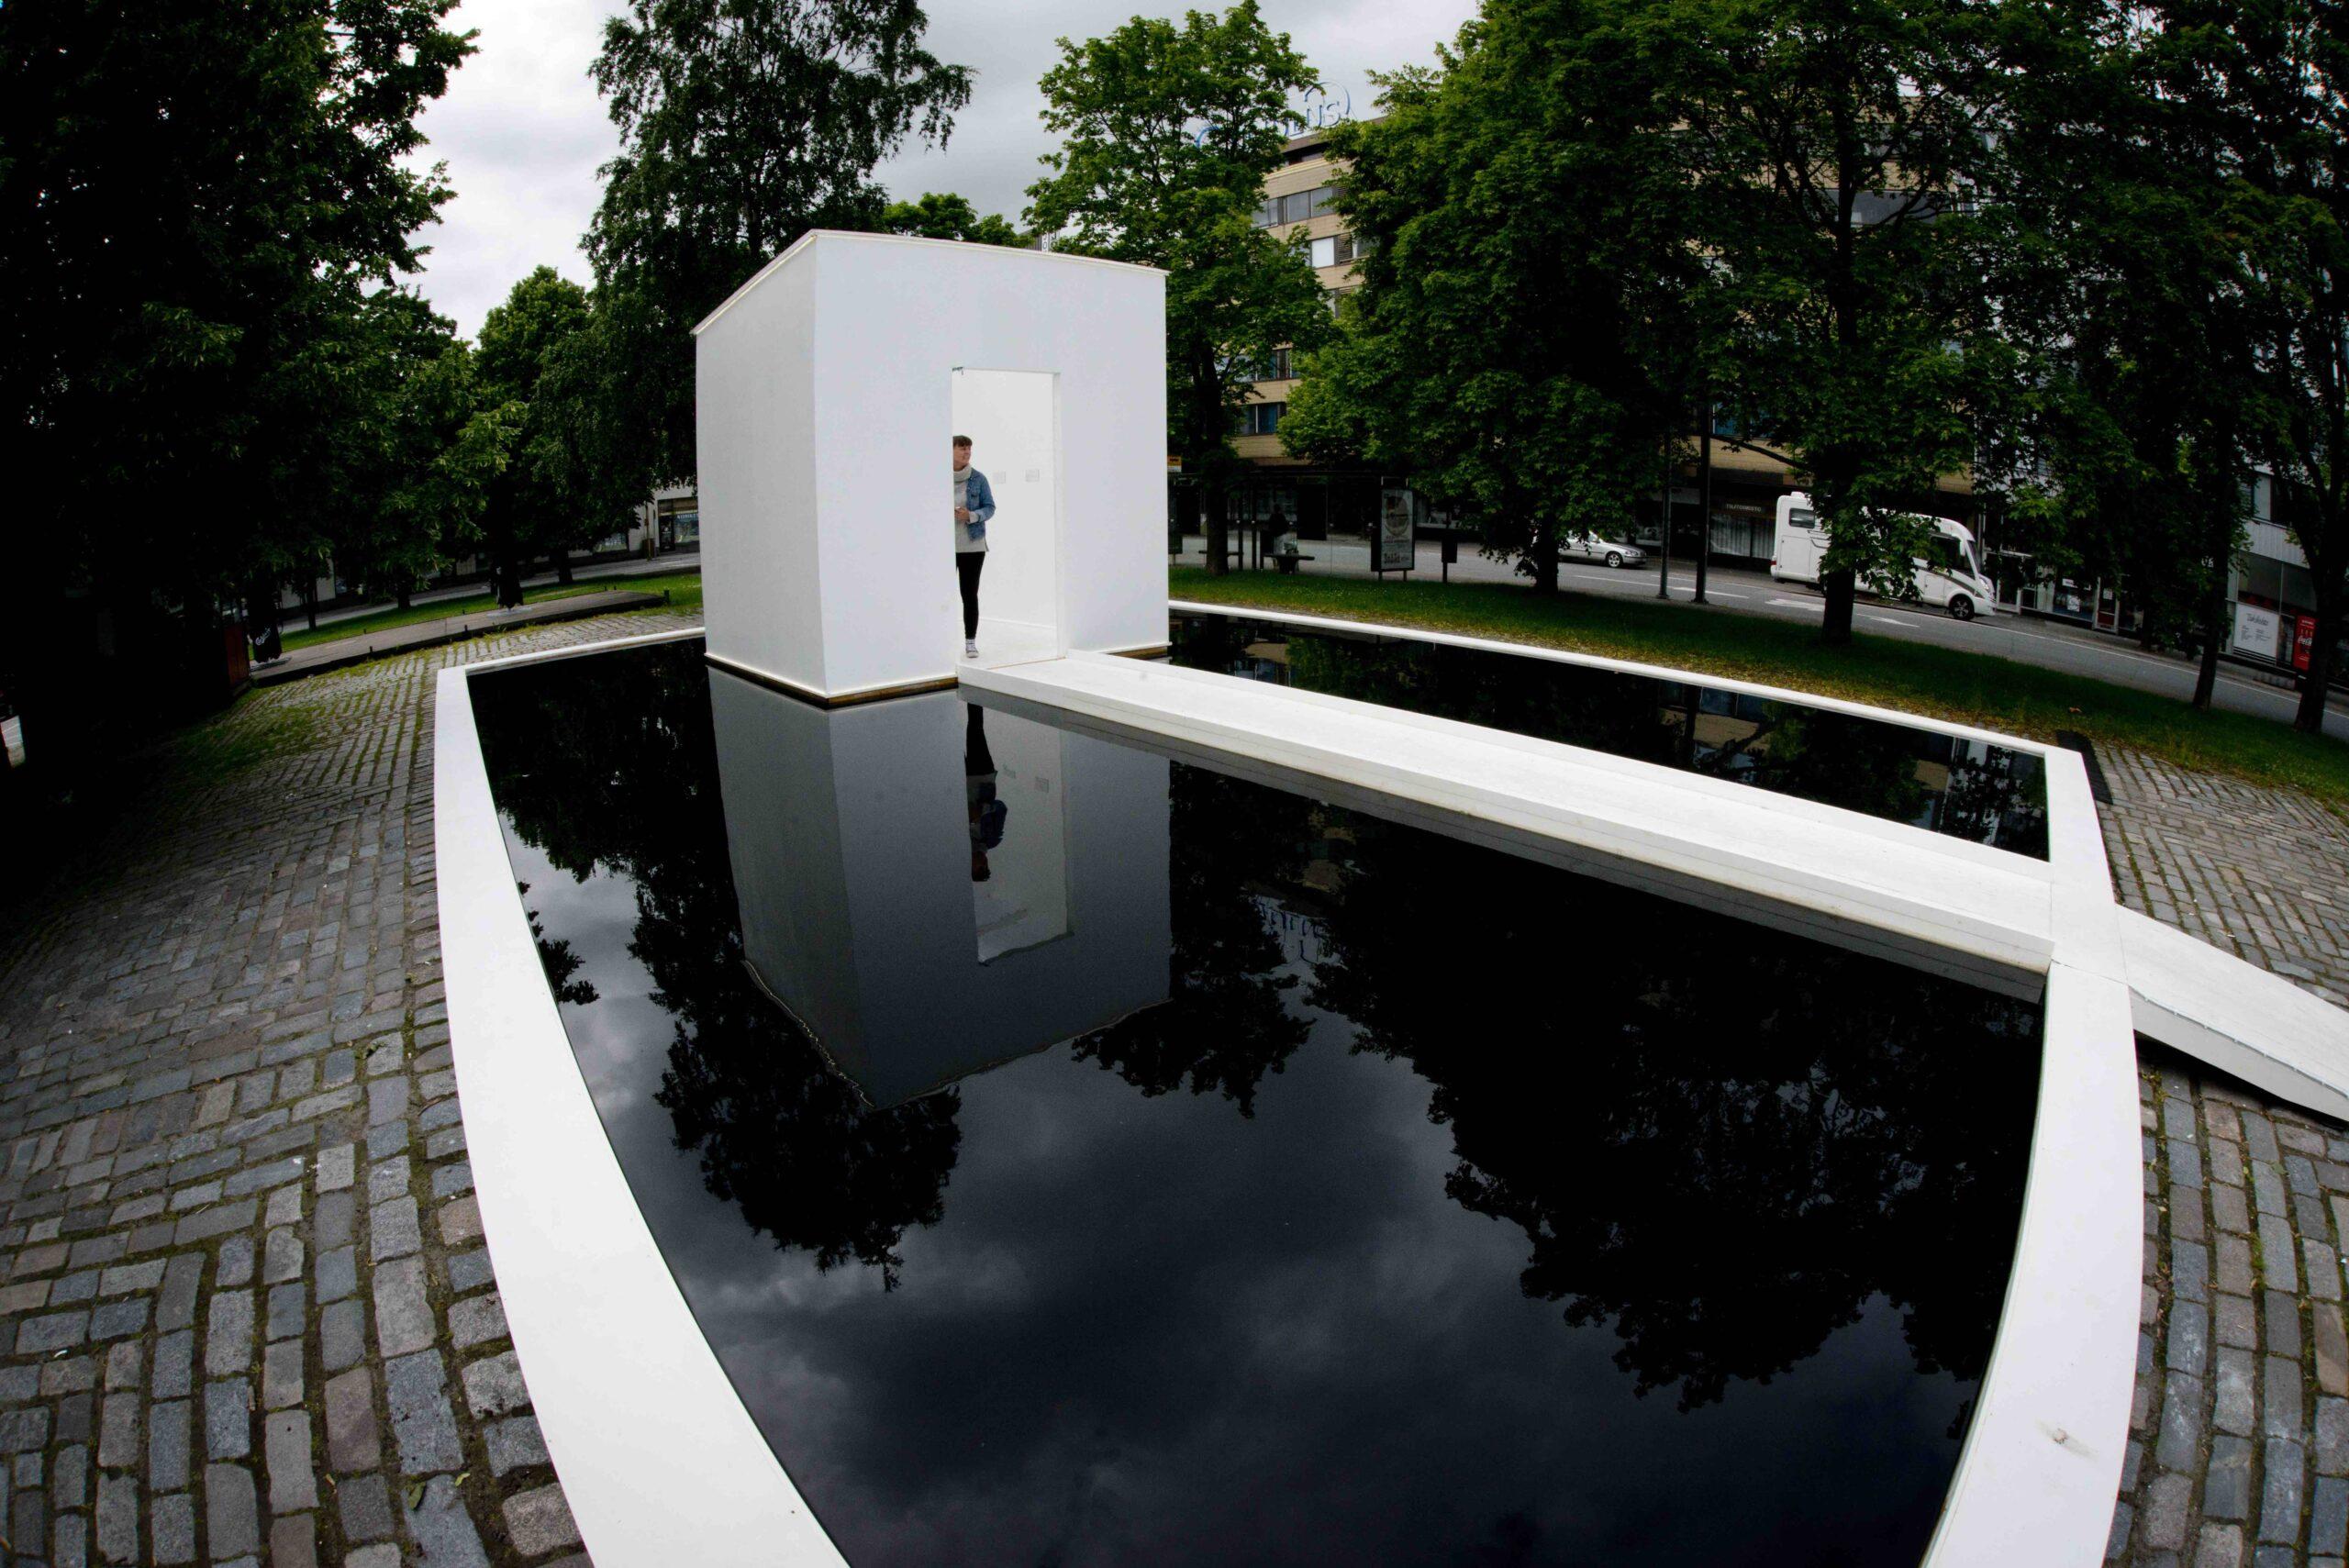 Heinäkuussa 2015 Porin kulttuurisäätö järjesti kaikkien aikojen ensimmäisen Porin Maailmannäyttelyn. Porin Maailmannäyttelyn 2015 teemana oli maailman näkyväksi tuleminen ja tekeminen. Erityisenä tarkastelun kohteena oli teoksen ja sanojen suhdetta: miten teos kääntyy sanoiksi ja mitä tapahtuu teokselle ja sen tarinalle kun se kuvaillaan yhä uudestaan ja uudestaan. Näyttely tutki myös Porin kaupunkitilaa ja monumentaalisen taiteen mahdollisuuksia Pori Jazzien ja SuomiAreenan telttameren rinnalla.